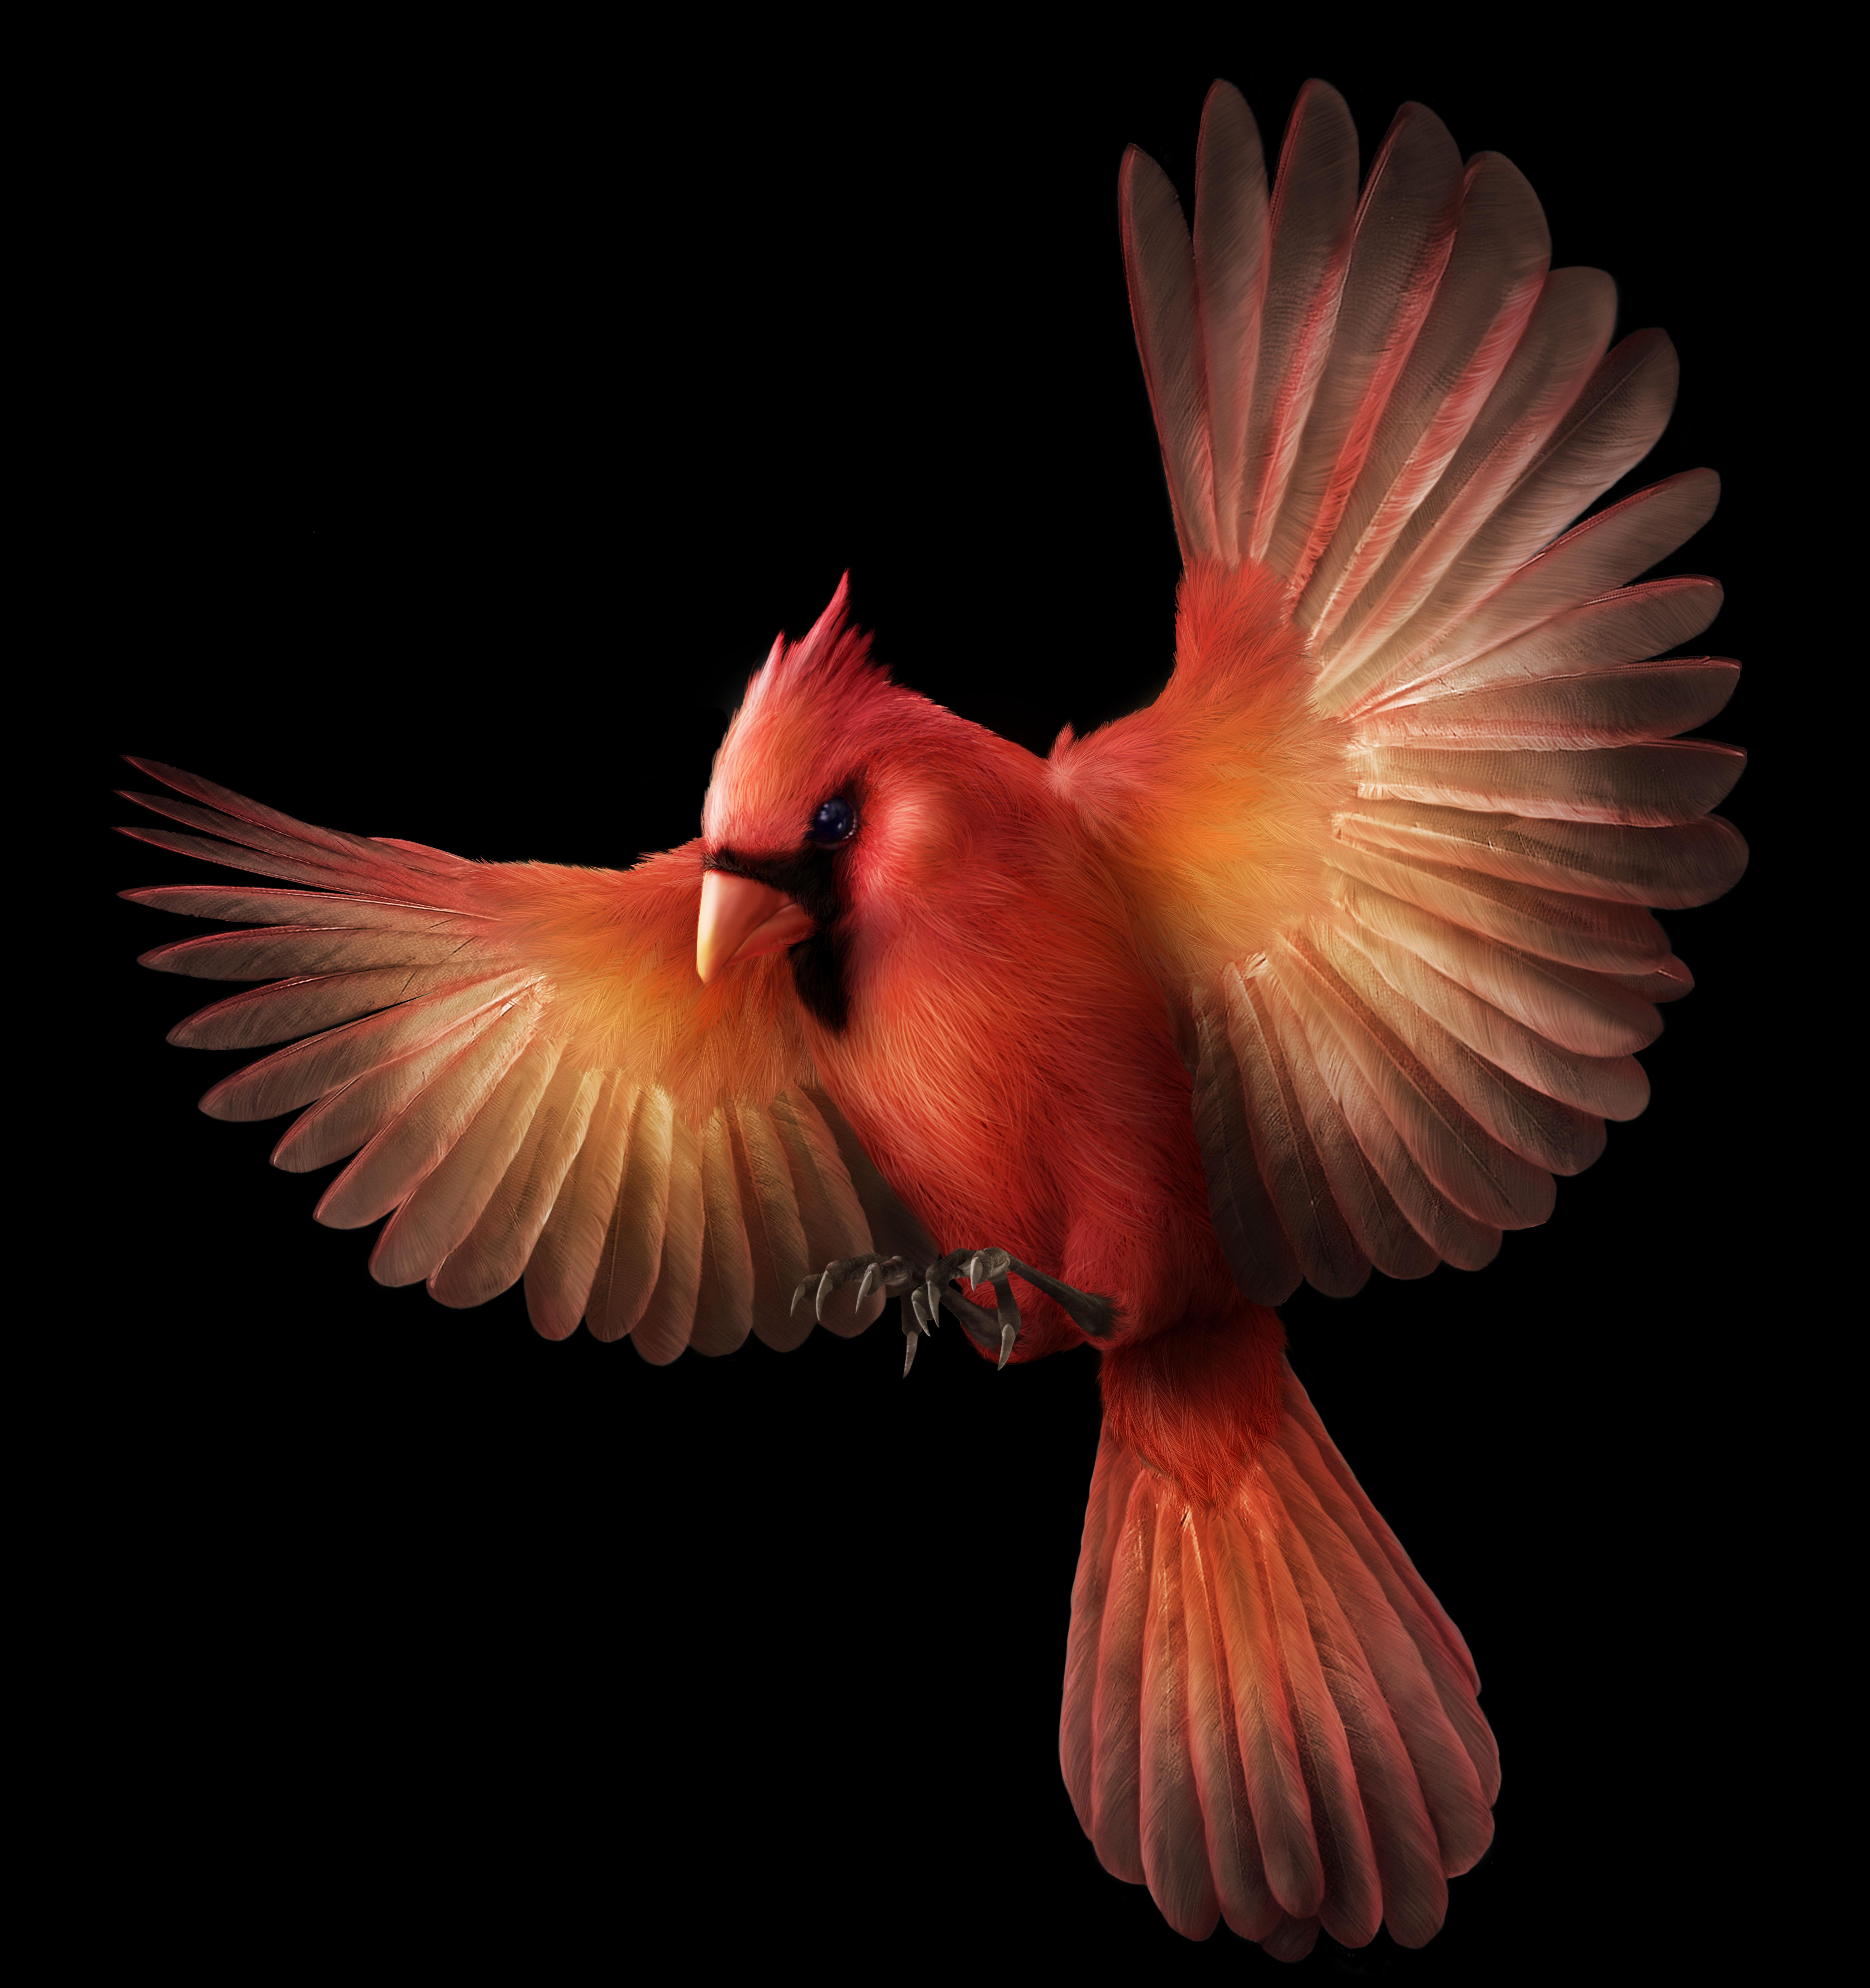 Cardinal bird final_MW VER